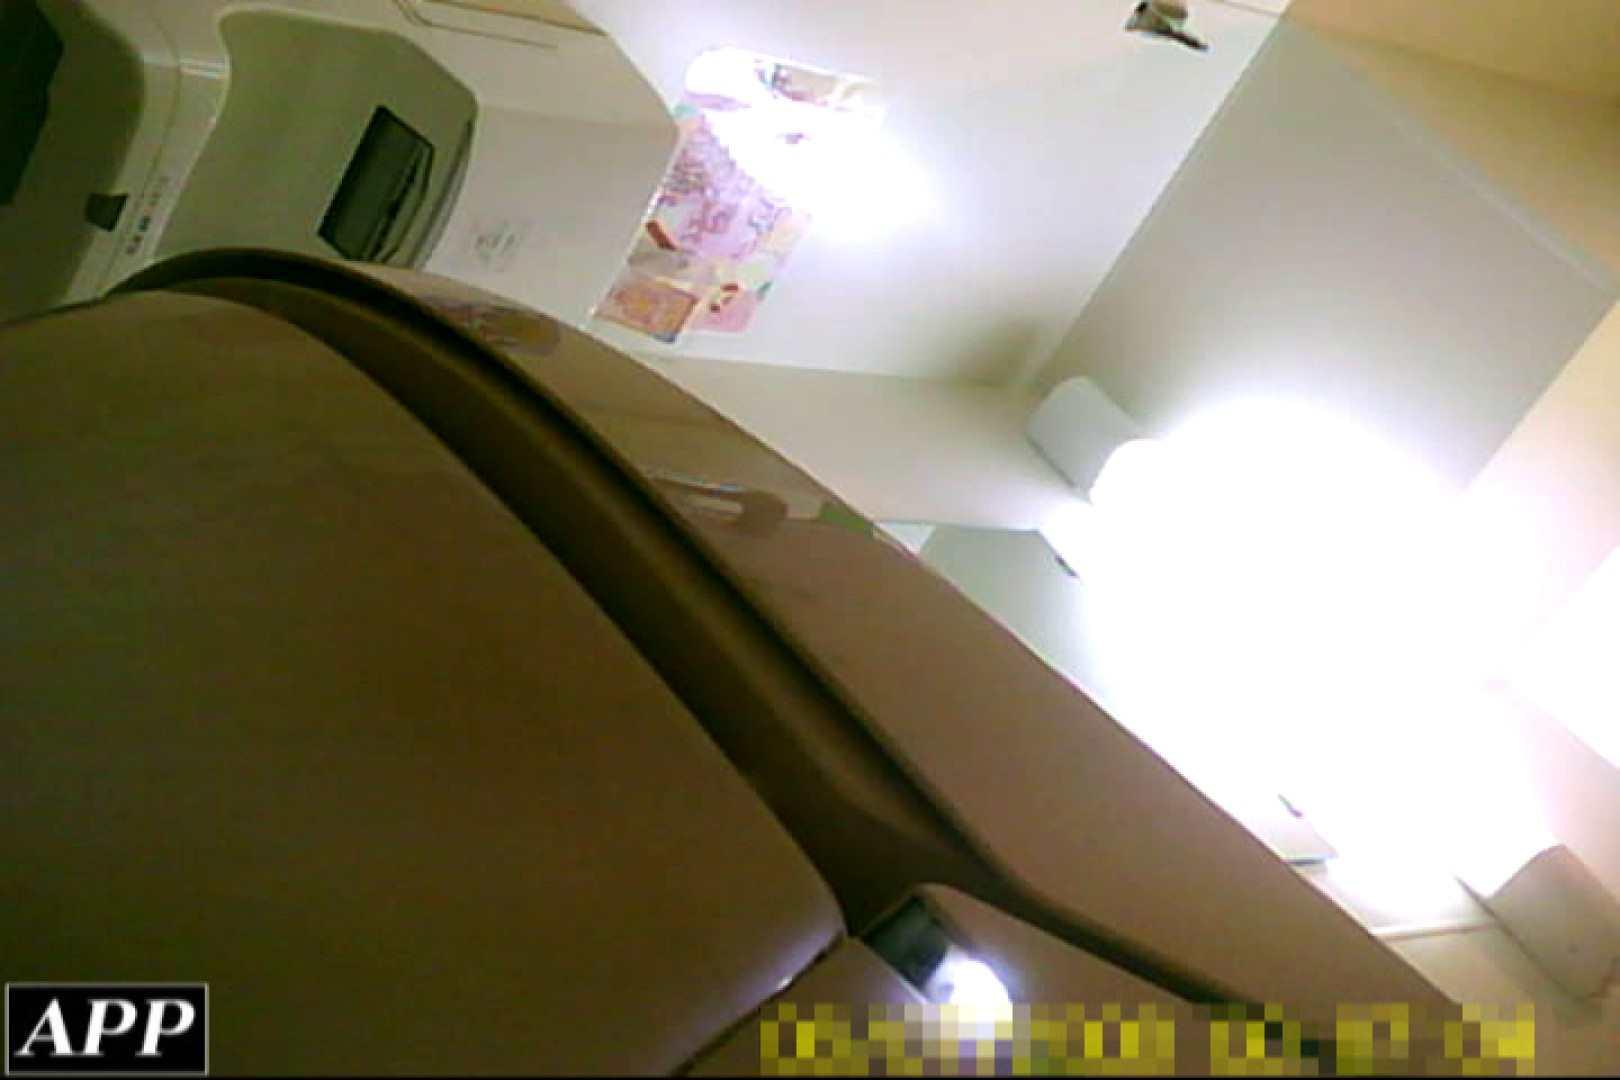 3視点洗面所 vol.060 洗面所はめどり | エロティックなOL  68画像 27